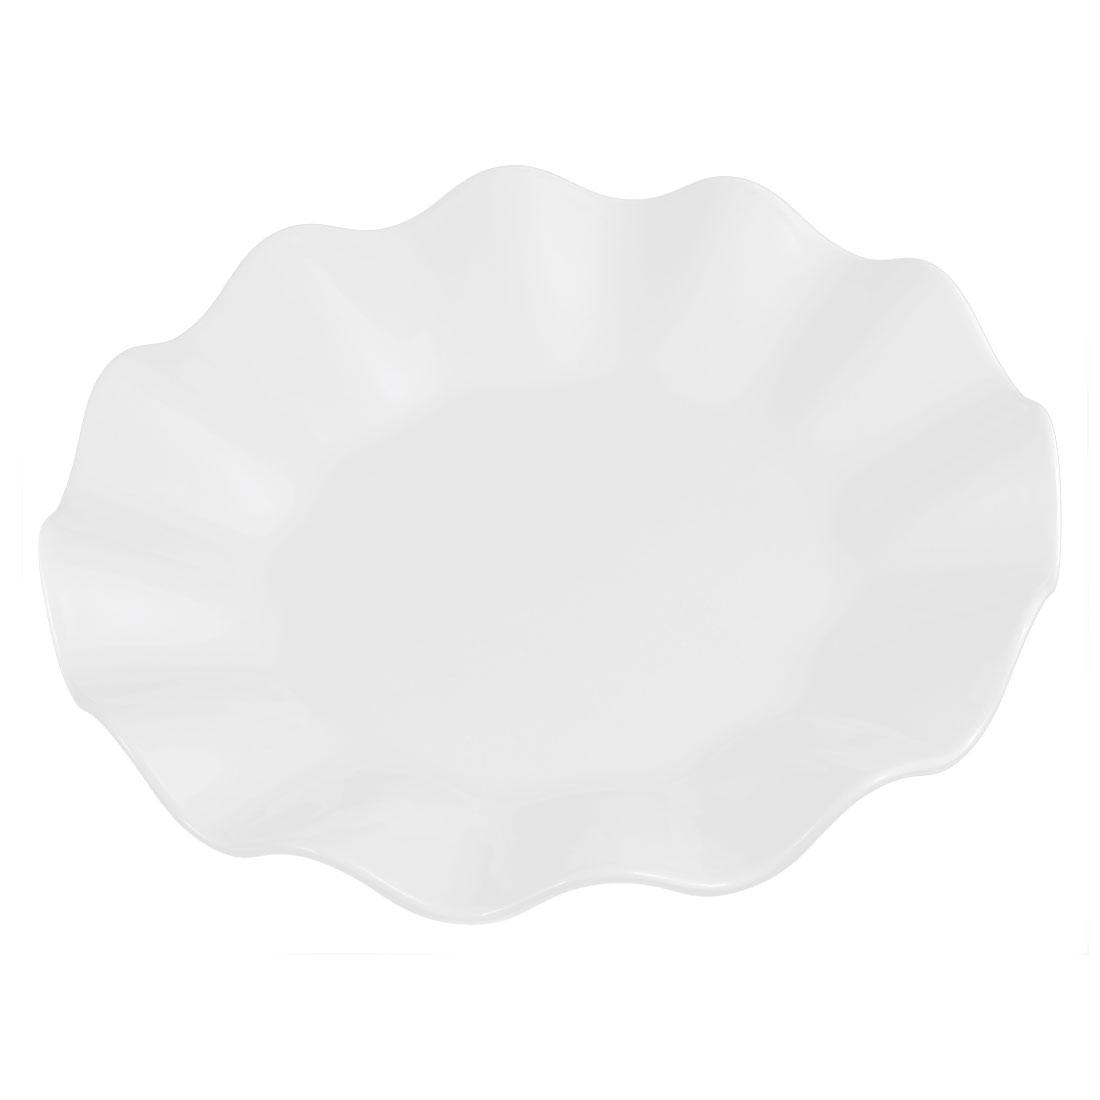 Restaurant Wavy Edge Pastry Appetizer Dessert Dish Plate White 16cm Dia